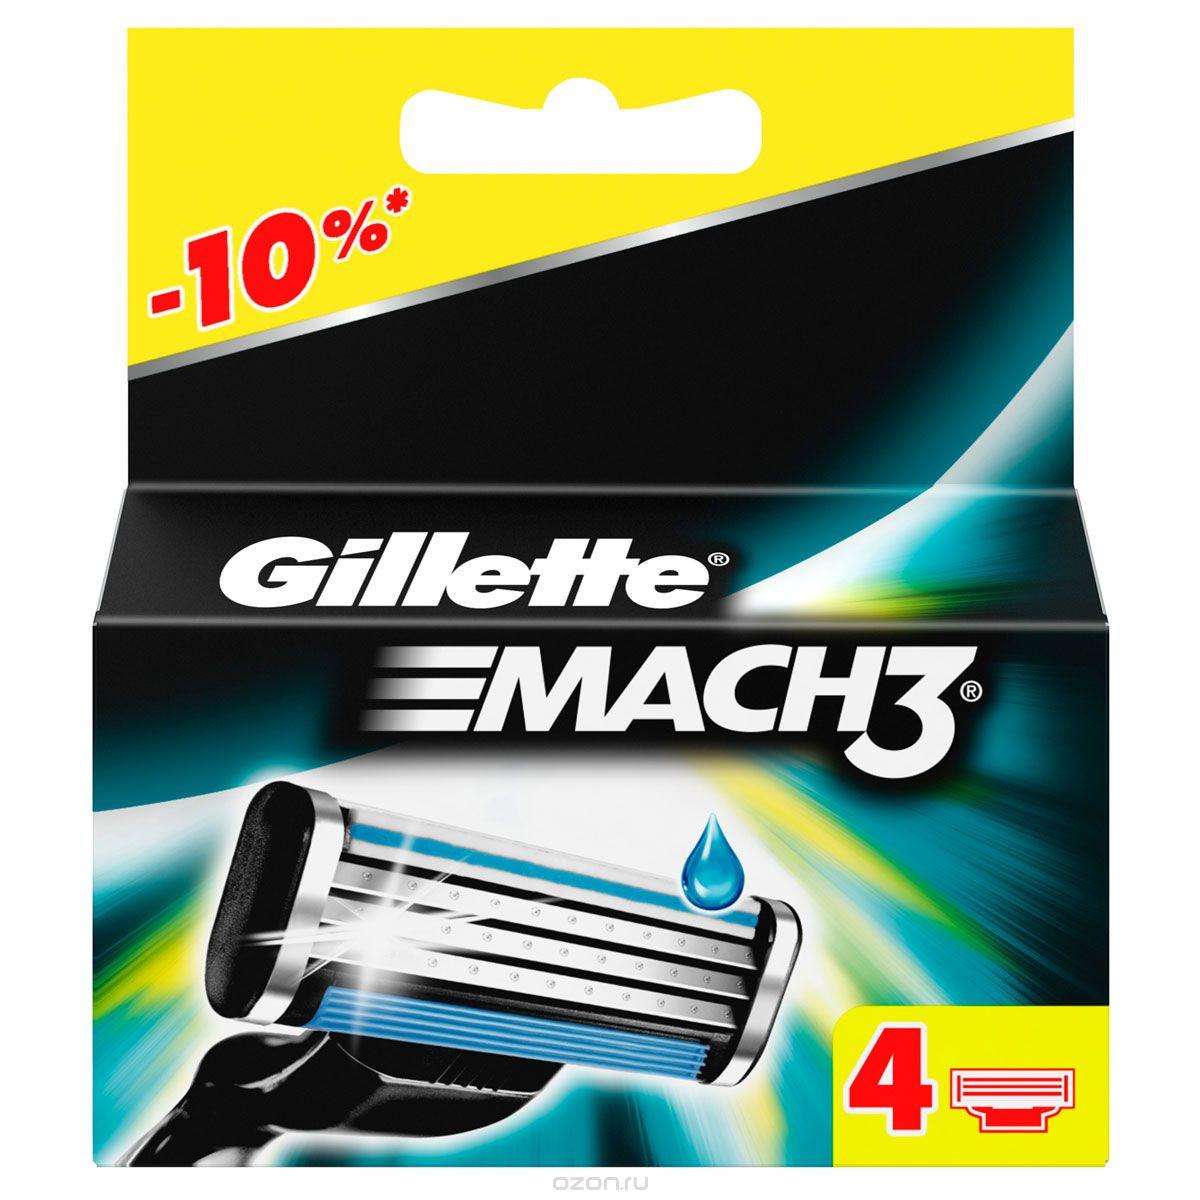 Картриджи  Gillette Mach3 сменные лезвия (четыре штуки в упаковке)